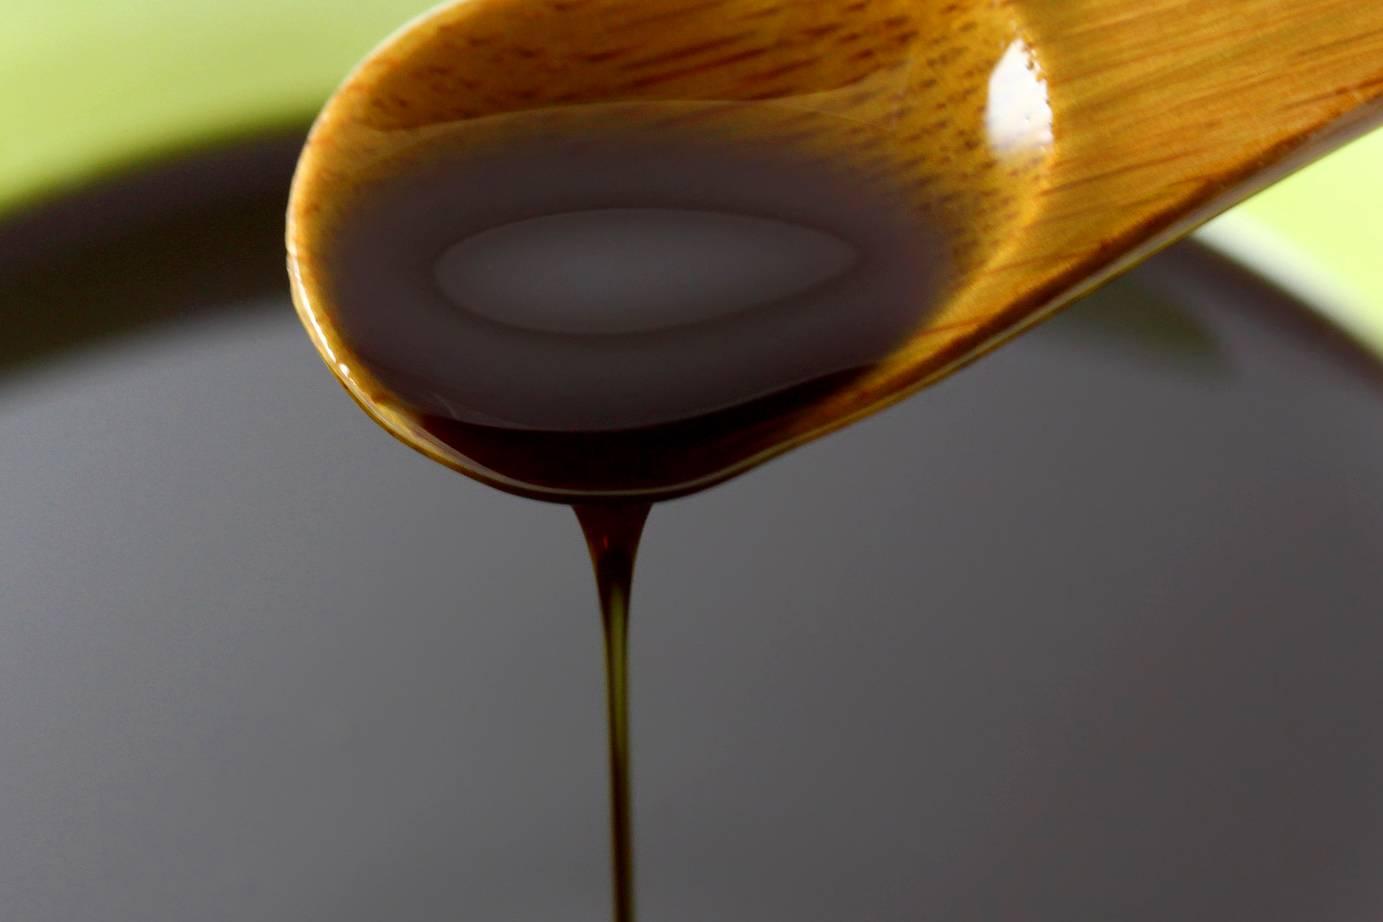 milyen vitaminokra van szksg a pikkelysmr kezelsben egy folt a bőrön, vörös szegéllyel hámlik le